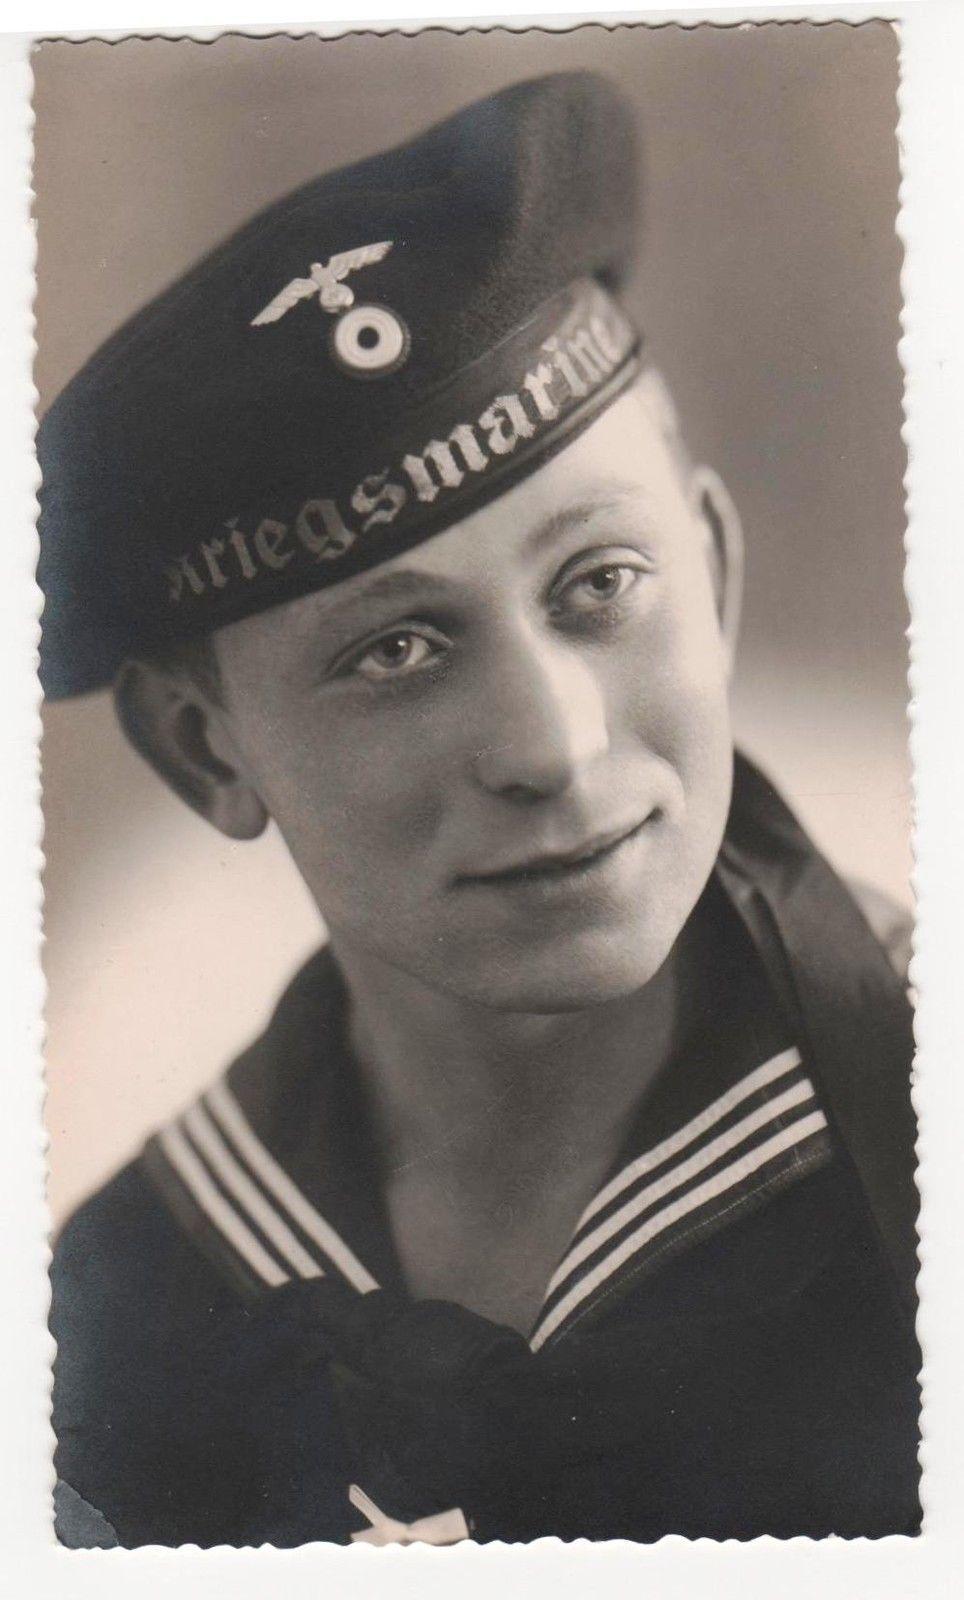 Kriegsmarine Squad 44-45 B4833bf3777270535cc764d7894d0726